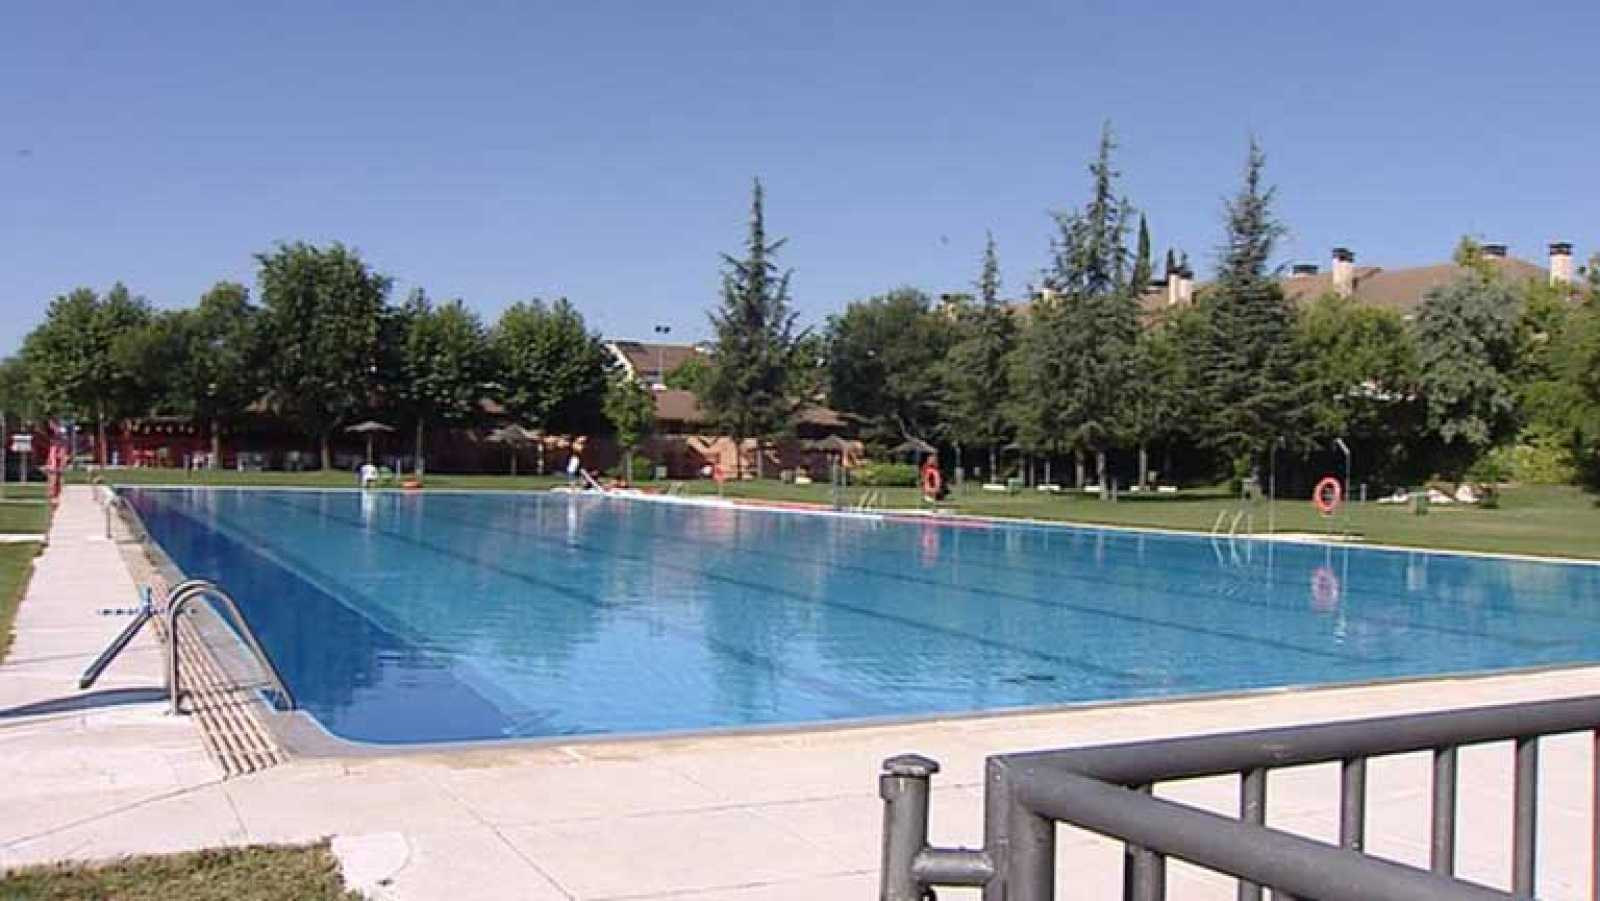 95 por ciento de las piscinas al aire libre usan el cloro - Cloro en piscinas ...